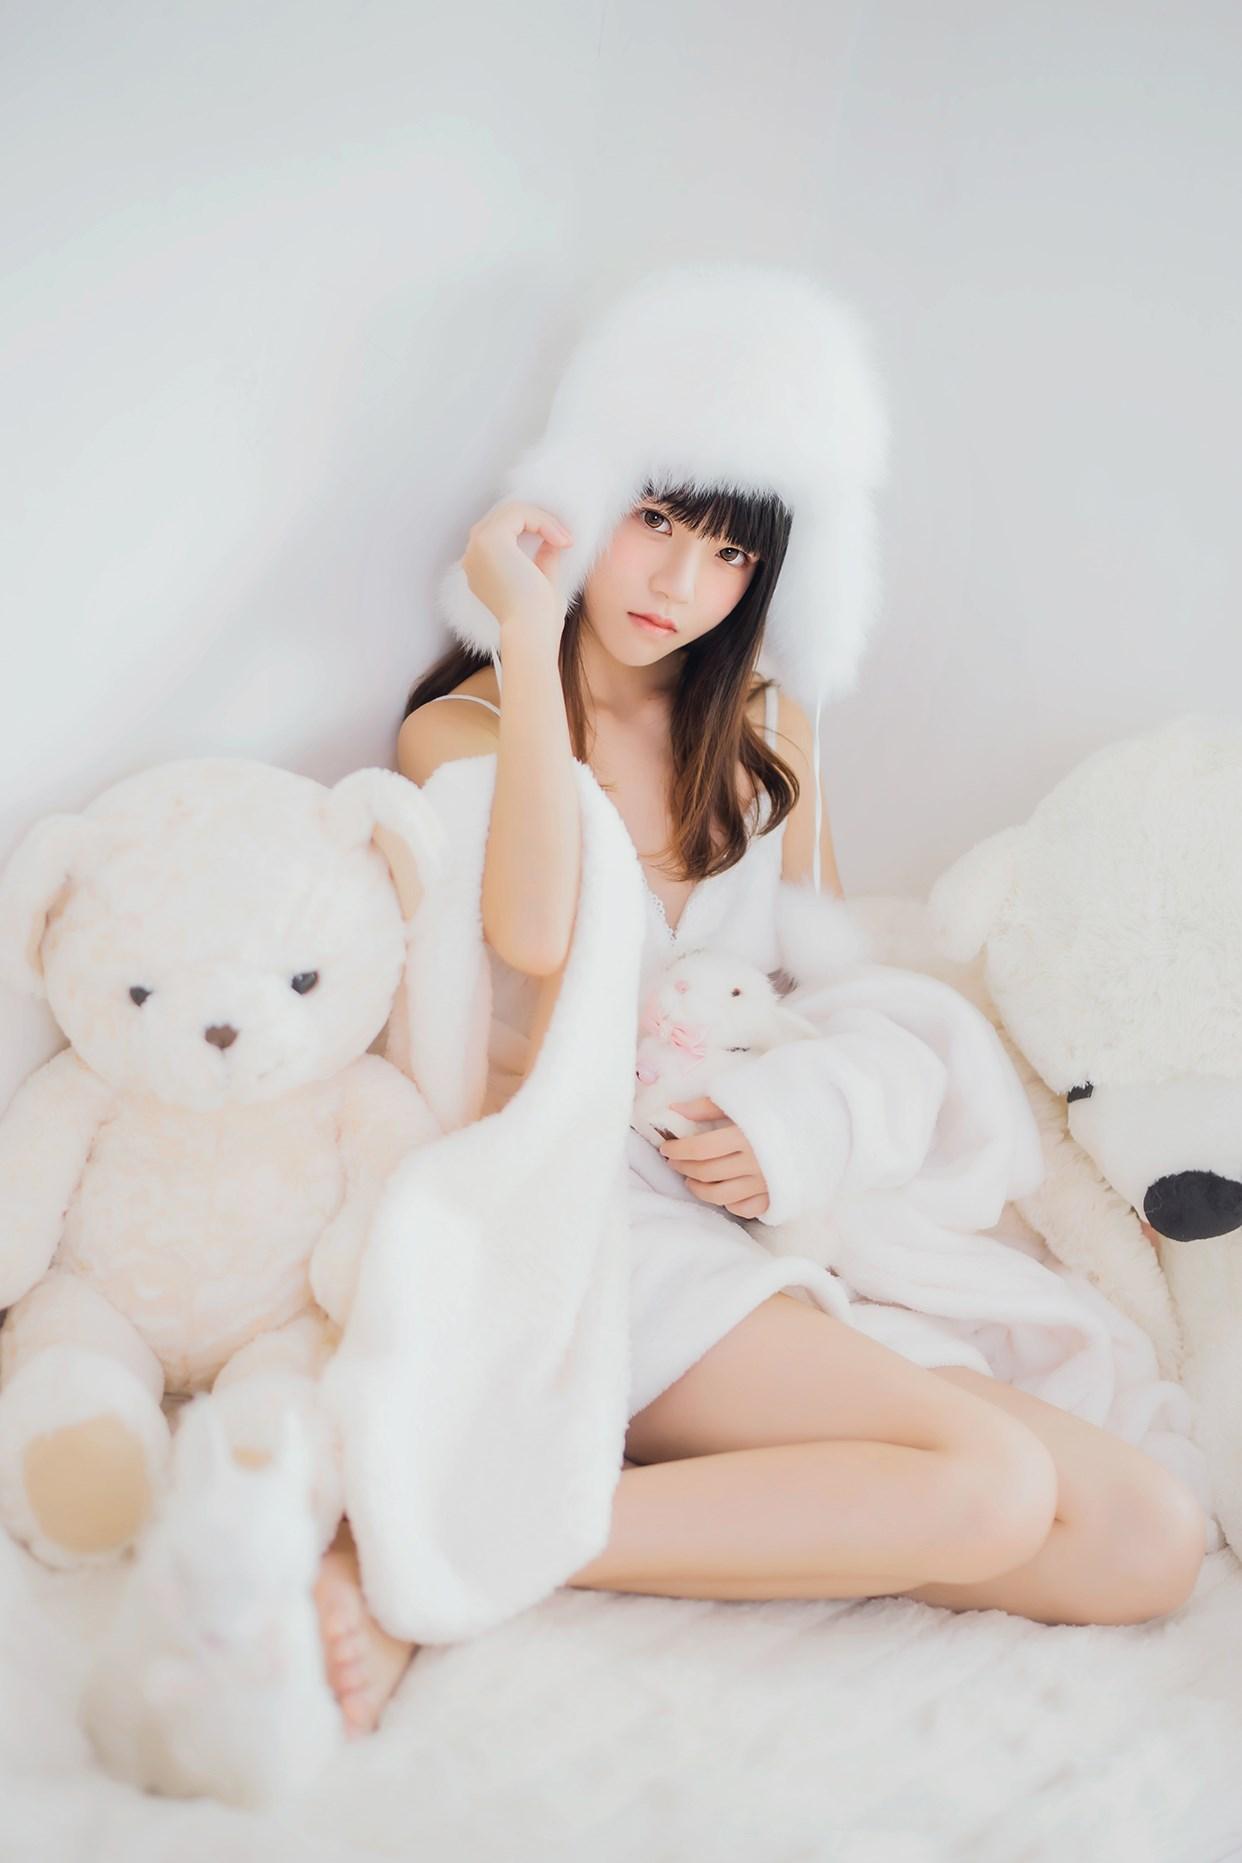 【兔玩映画】喵喵睡衣 兔玩映画 第26张